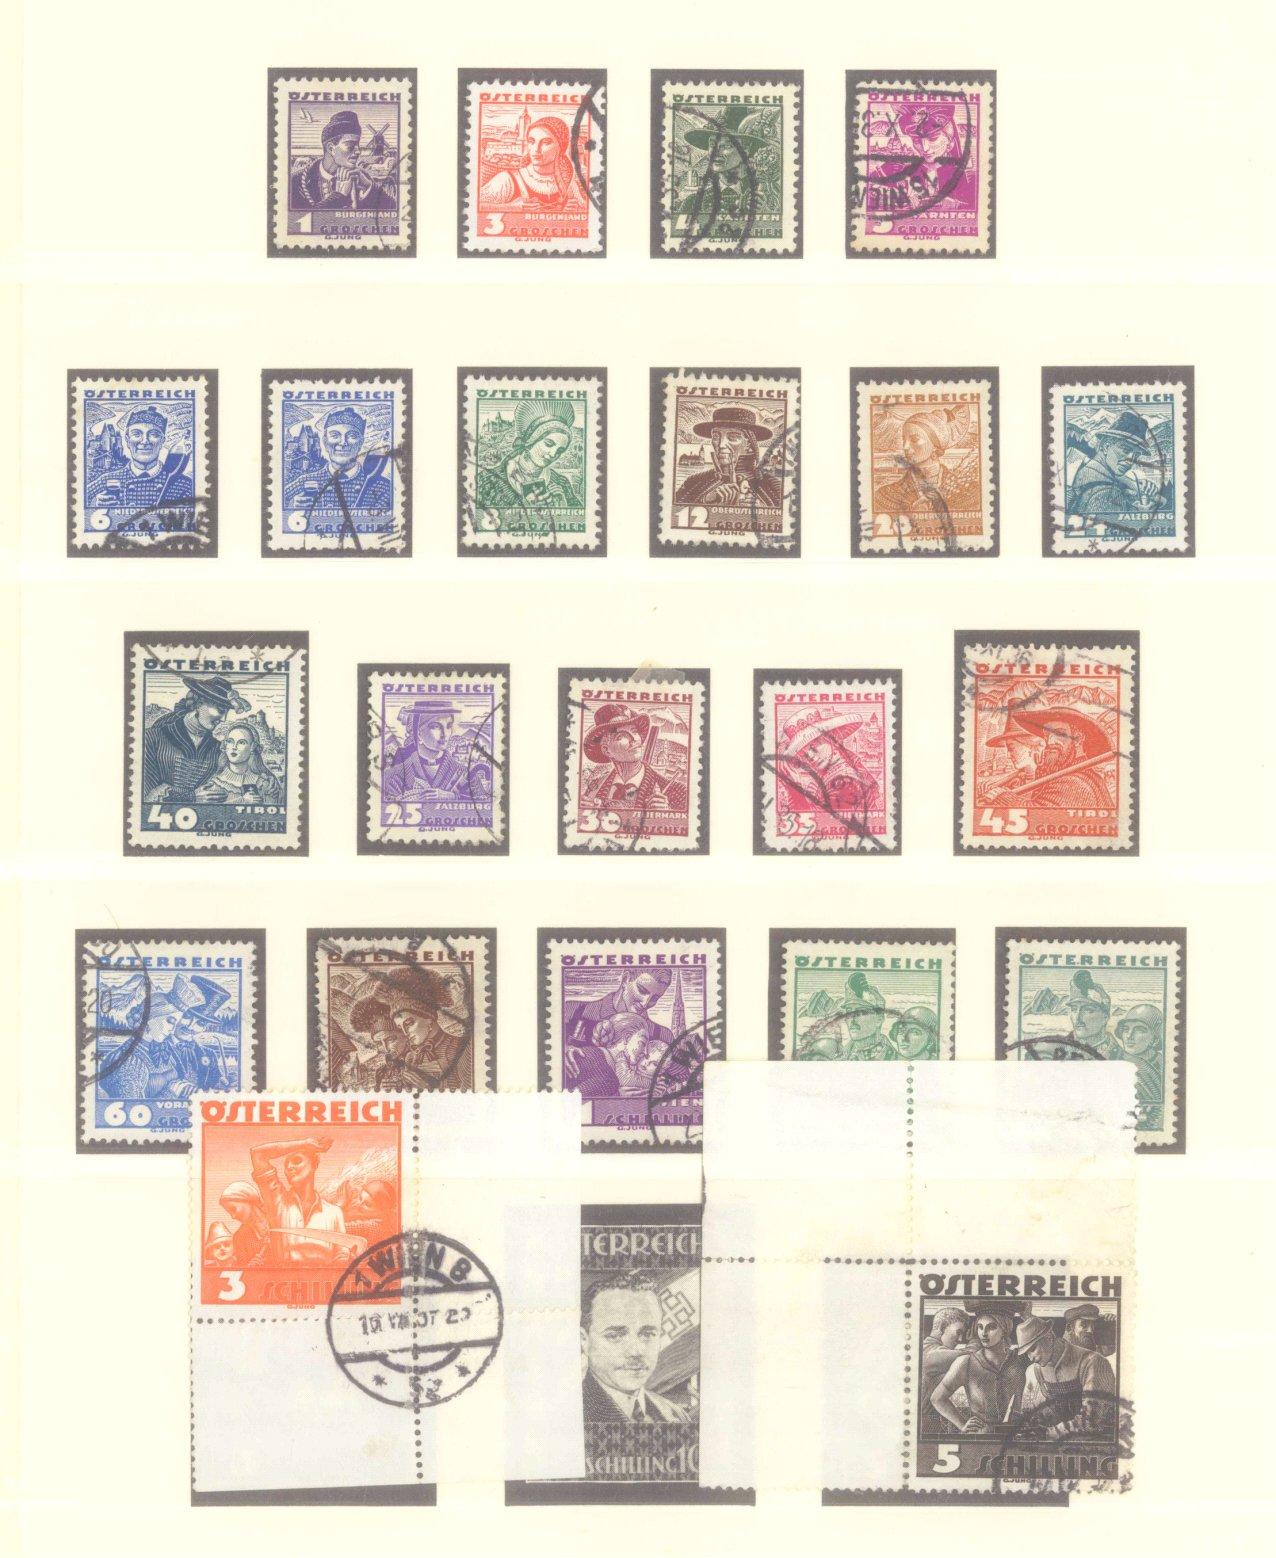 ÖSTERREICH 1925-1937-4